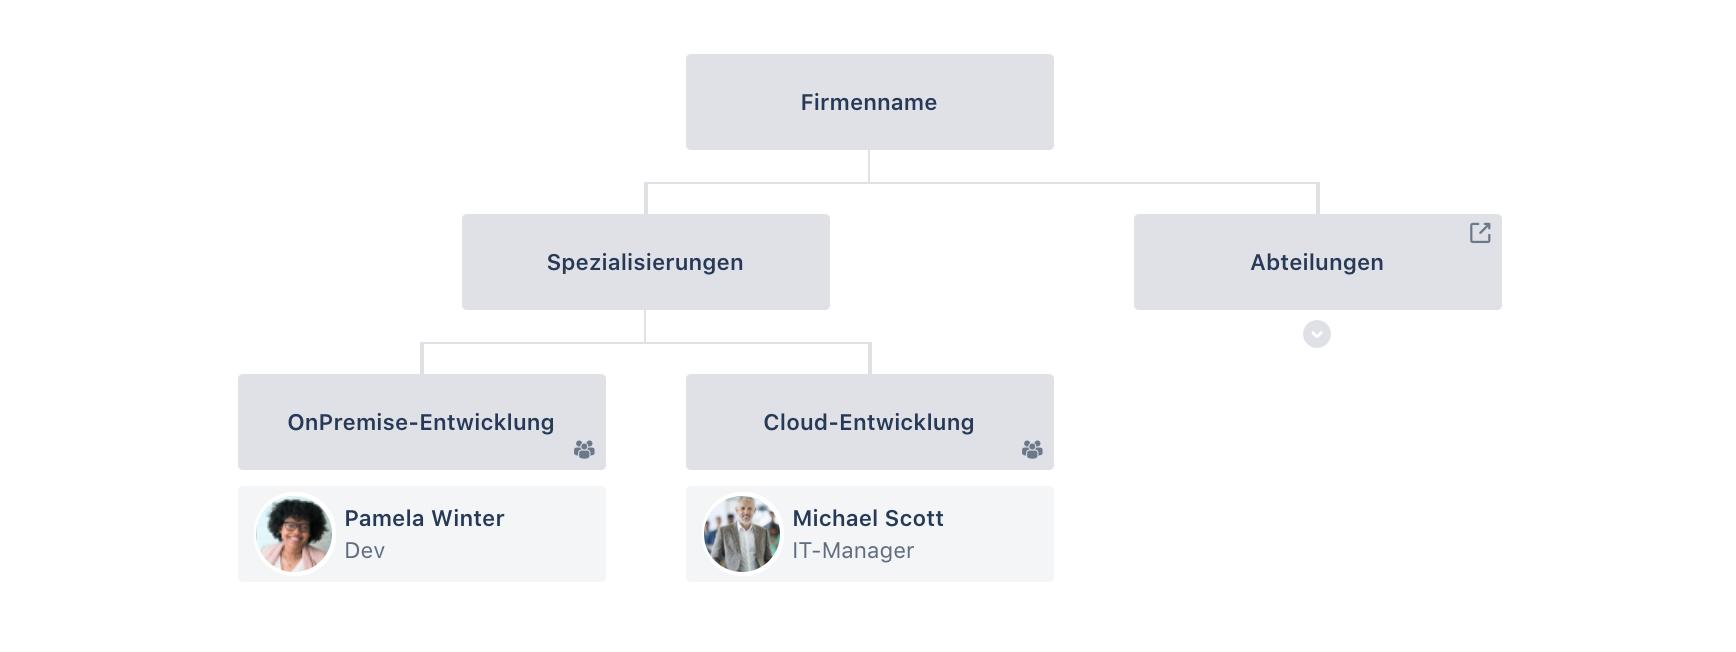 Linchpin Intranet Suite - Strukturdiagramme jetzt auch mit Freitextfeldern